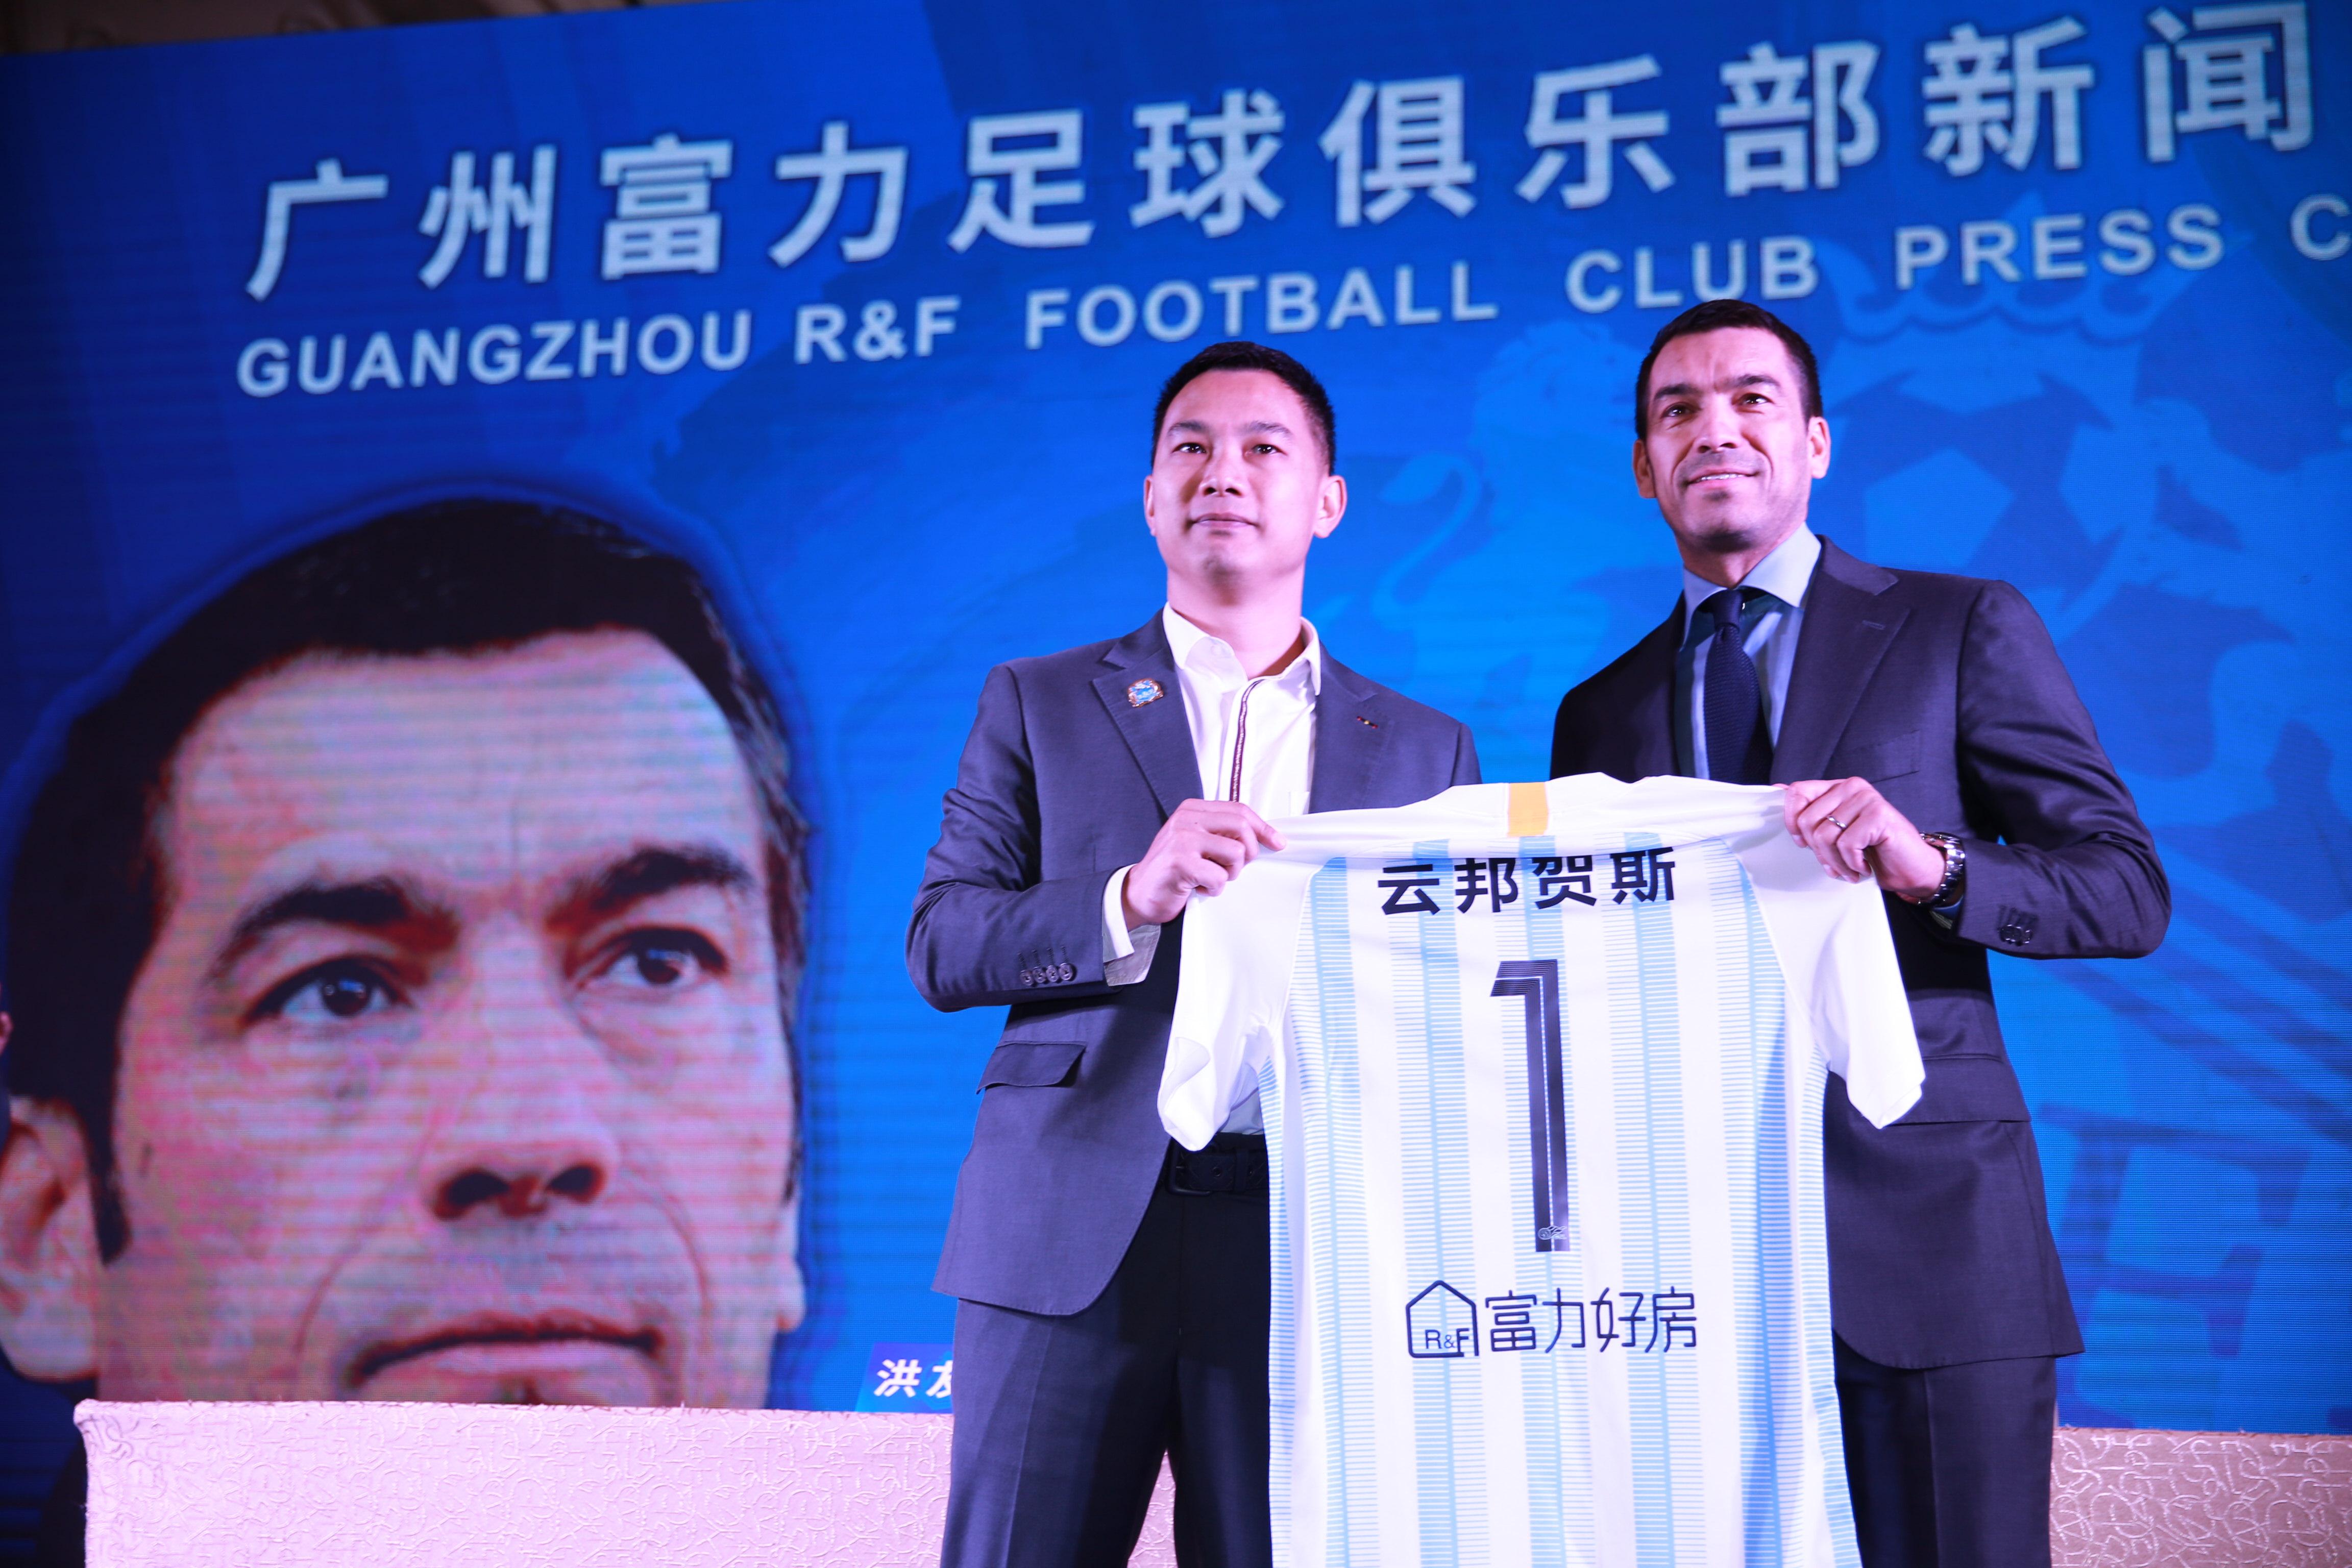 范帅上任宣言:了解中国文化 尽快打造一支能赢球的强队